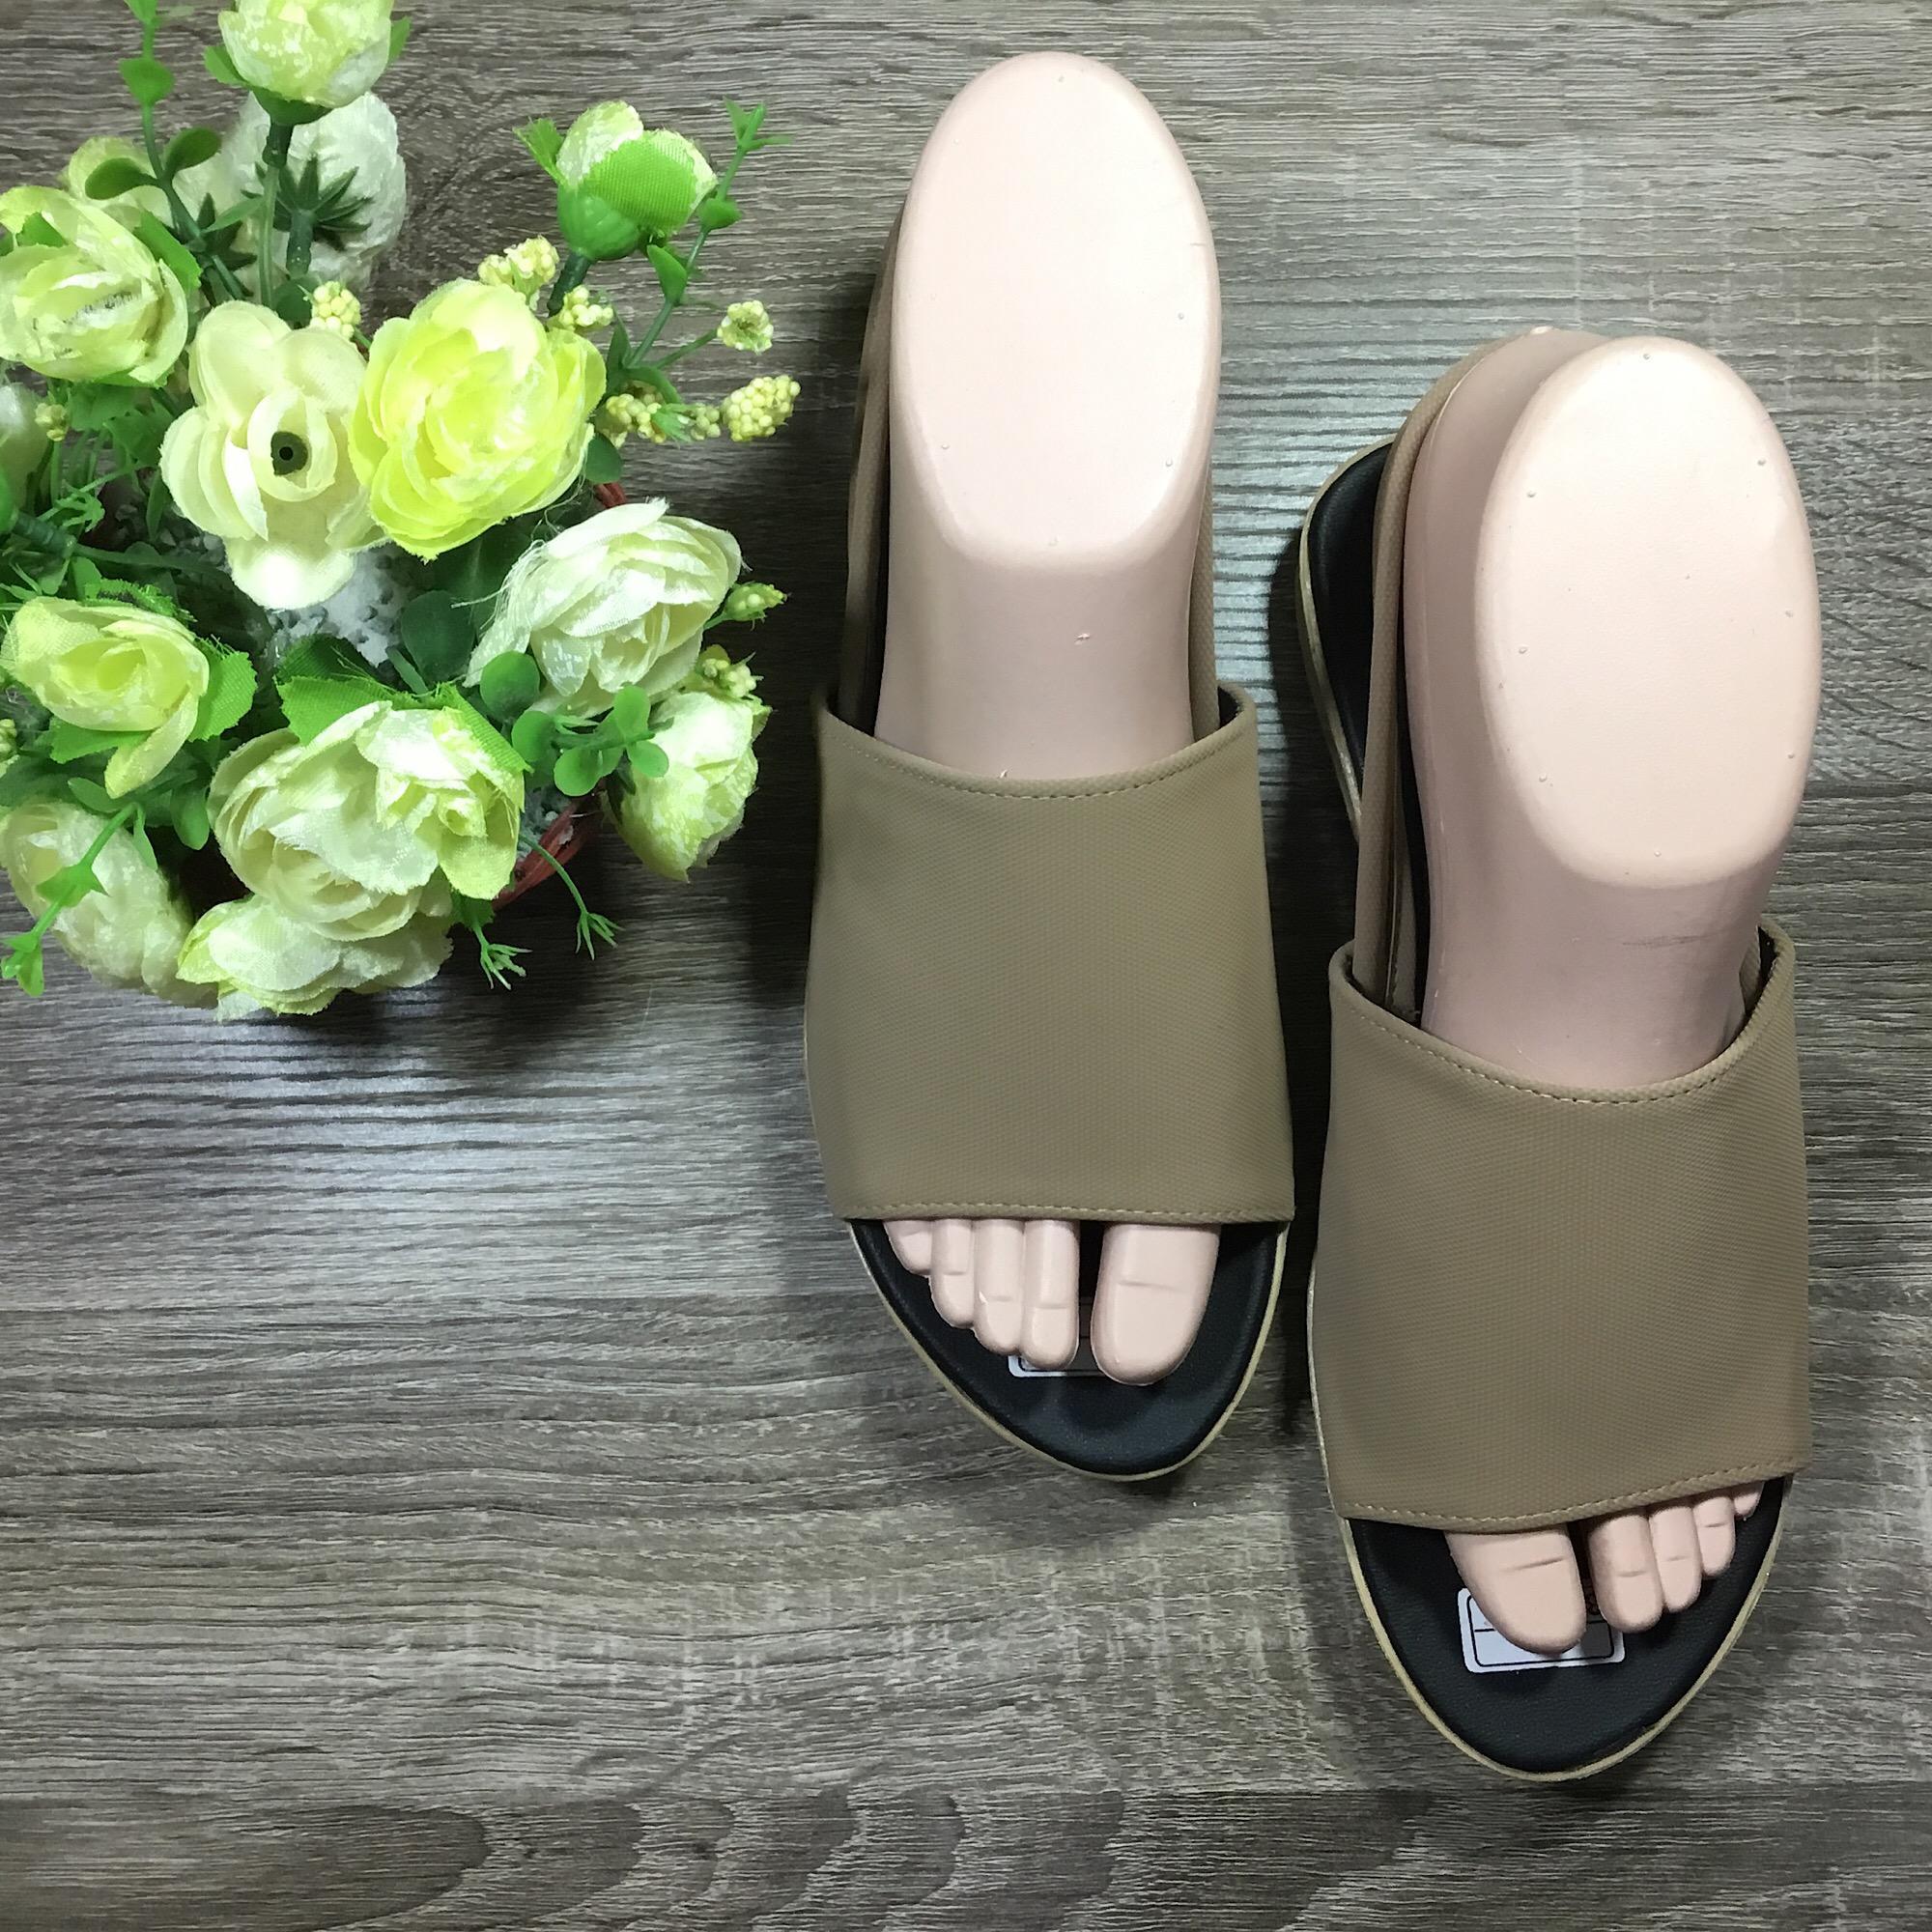 Rafishashoes-Flat Sandal Mule Fashionable-[Mocca]